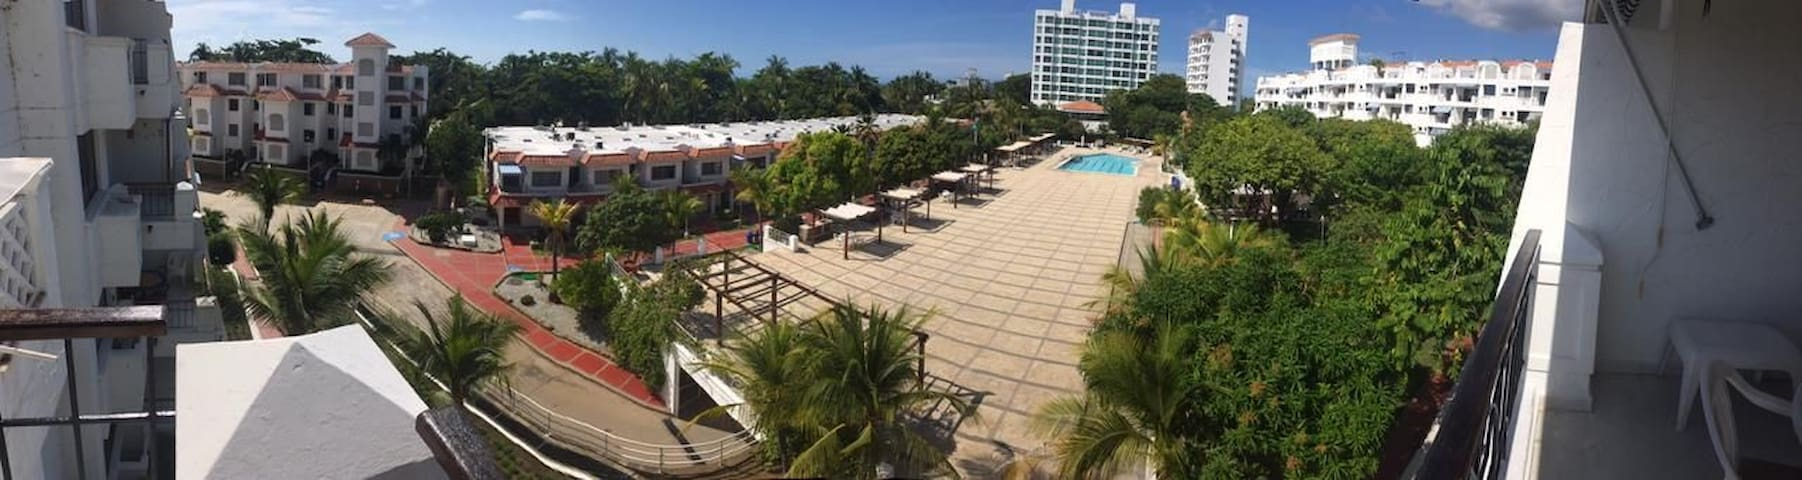 Apto en Balcones de Costa Azul con playa exclusiva